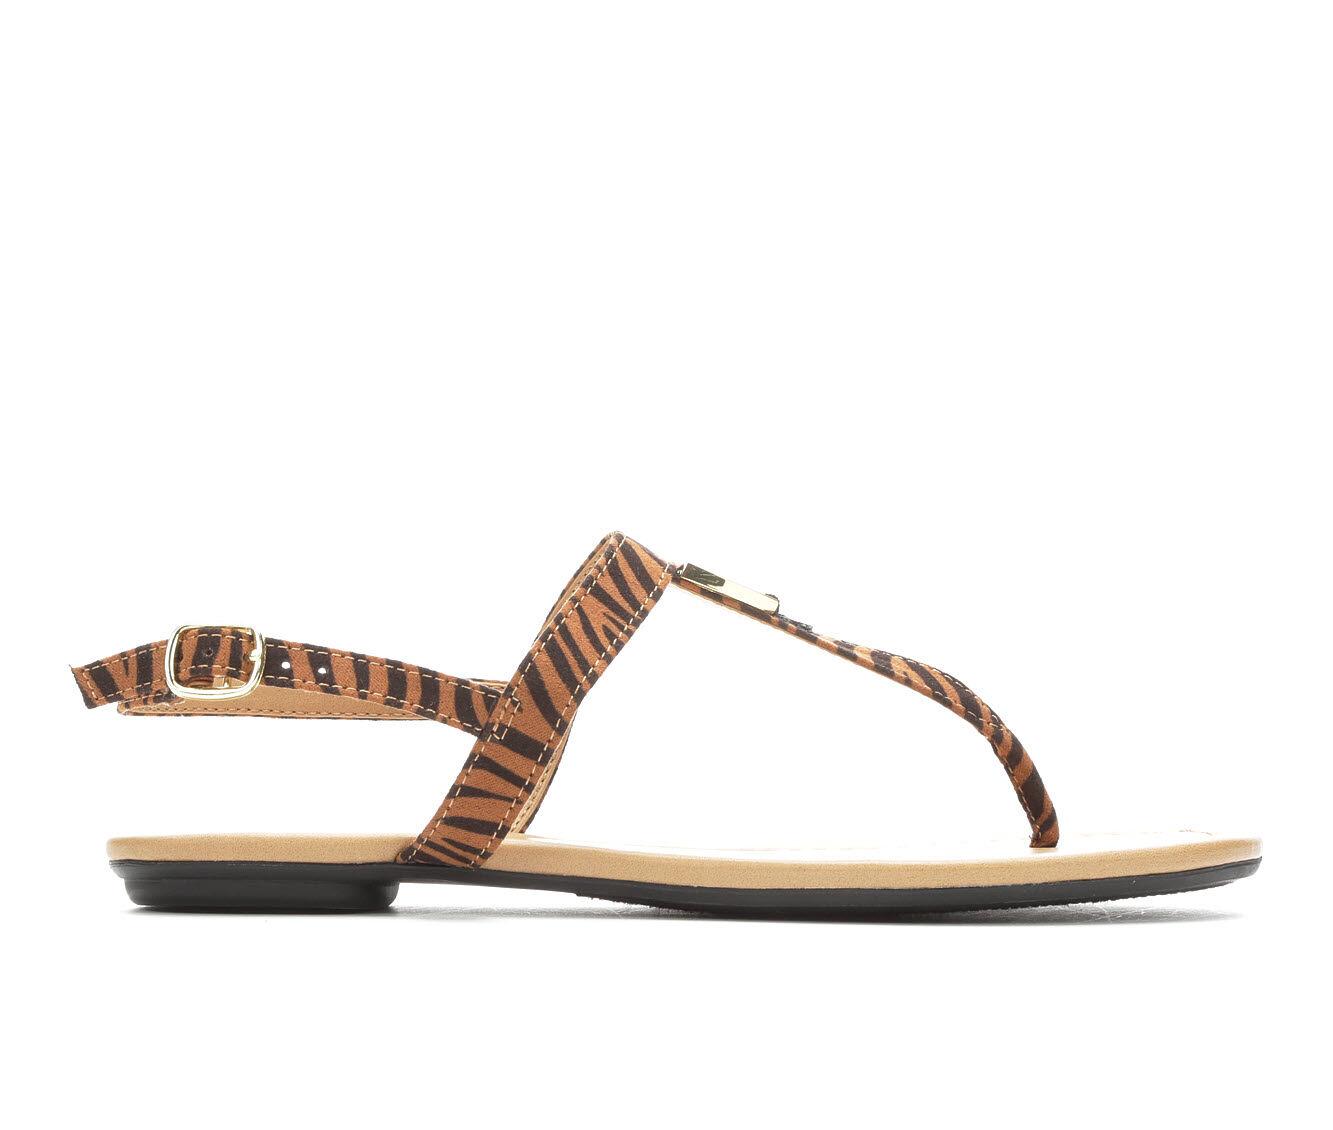 Women's Solanz Gallant Sandals Tan Tiger Print